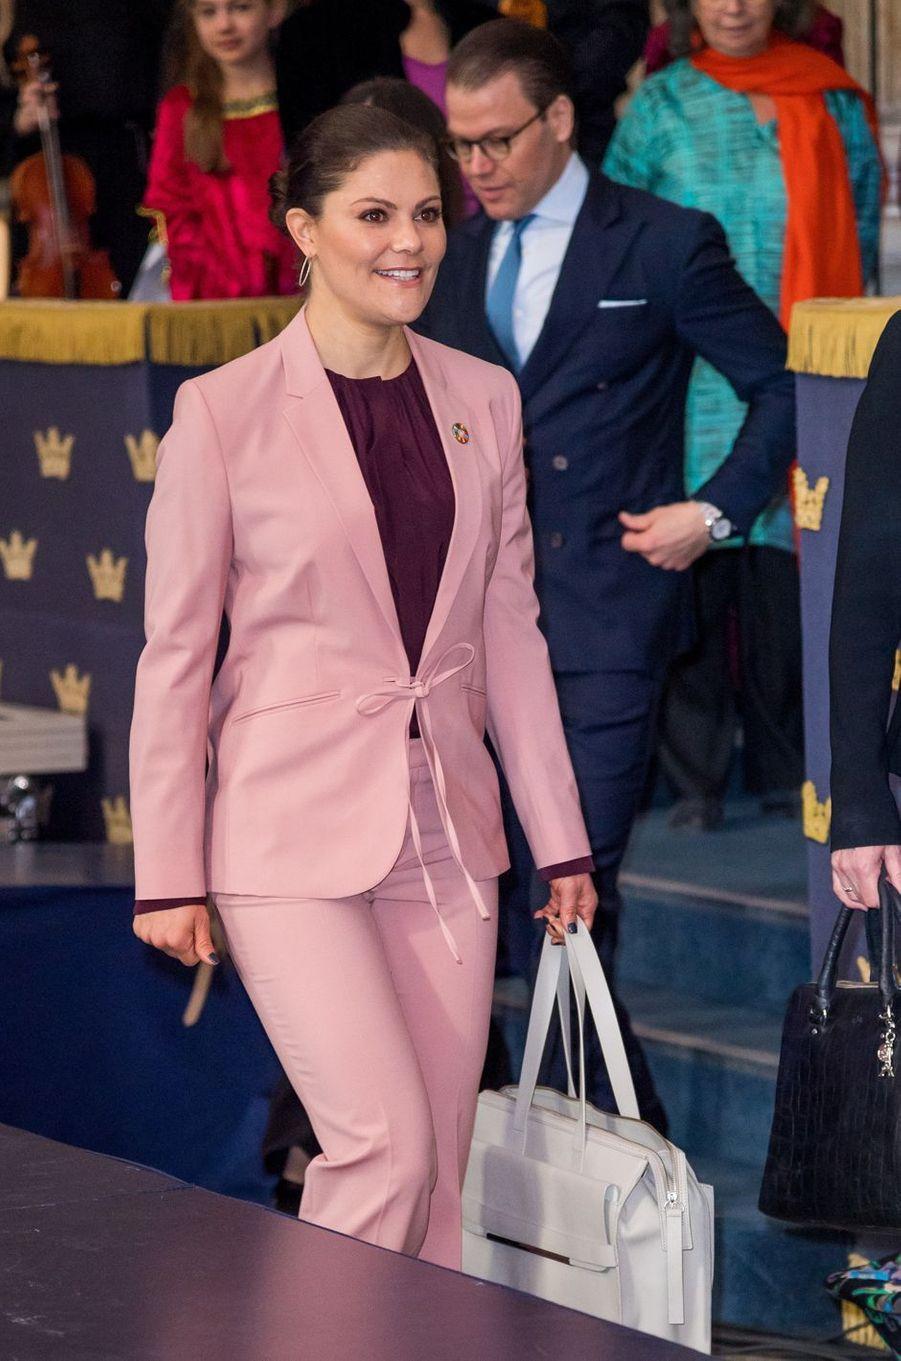 La princesse Victoria de Suède avec le prince consort Daniel à Stockholm, le 11 avril 2018